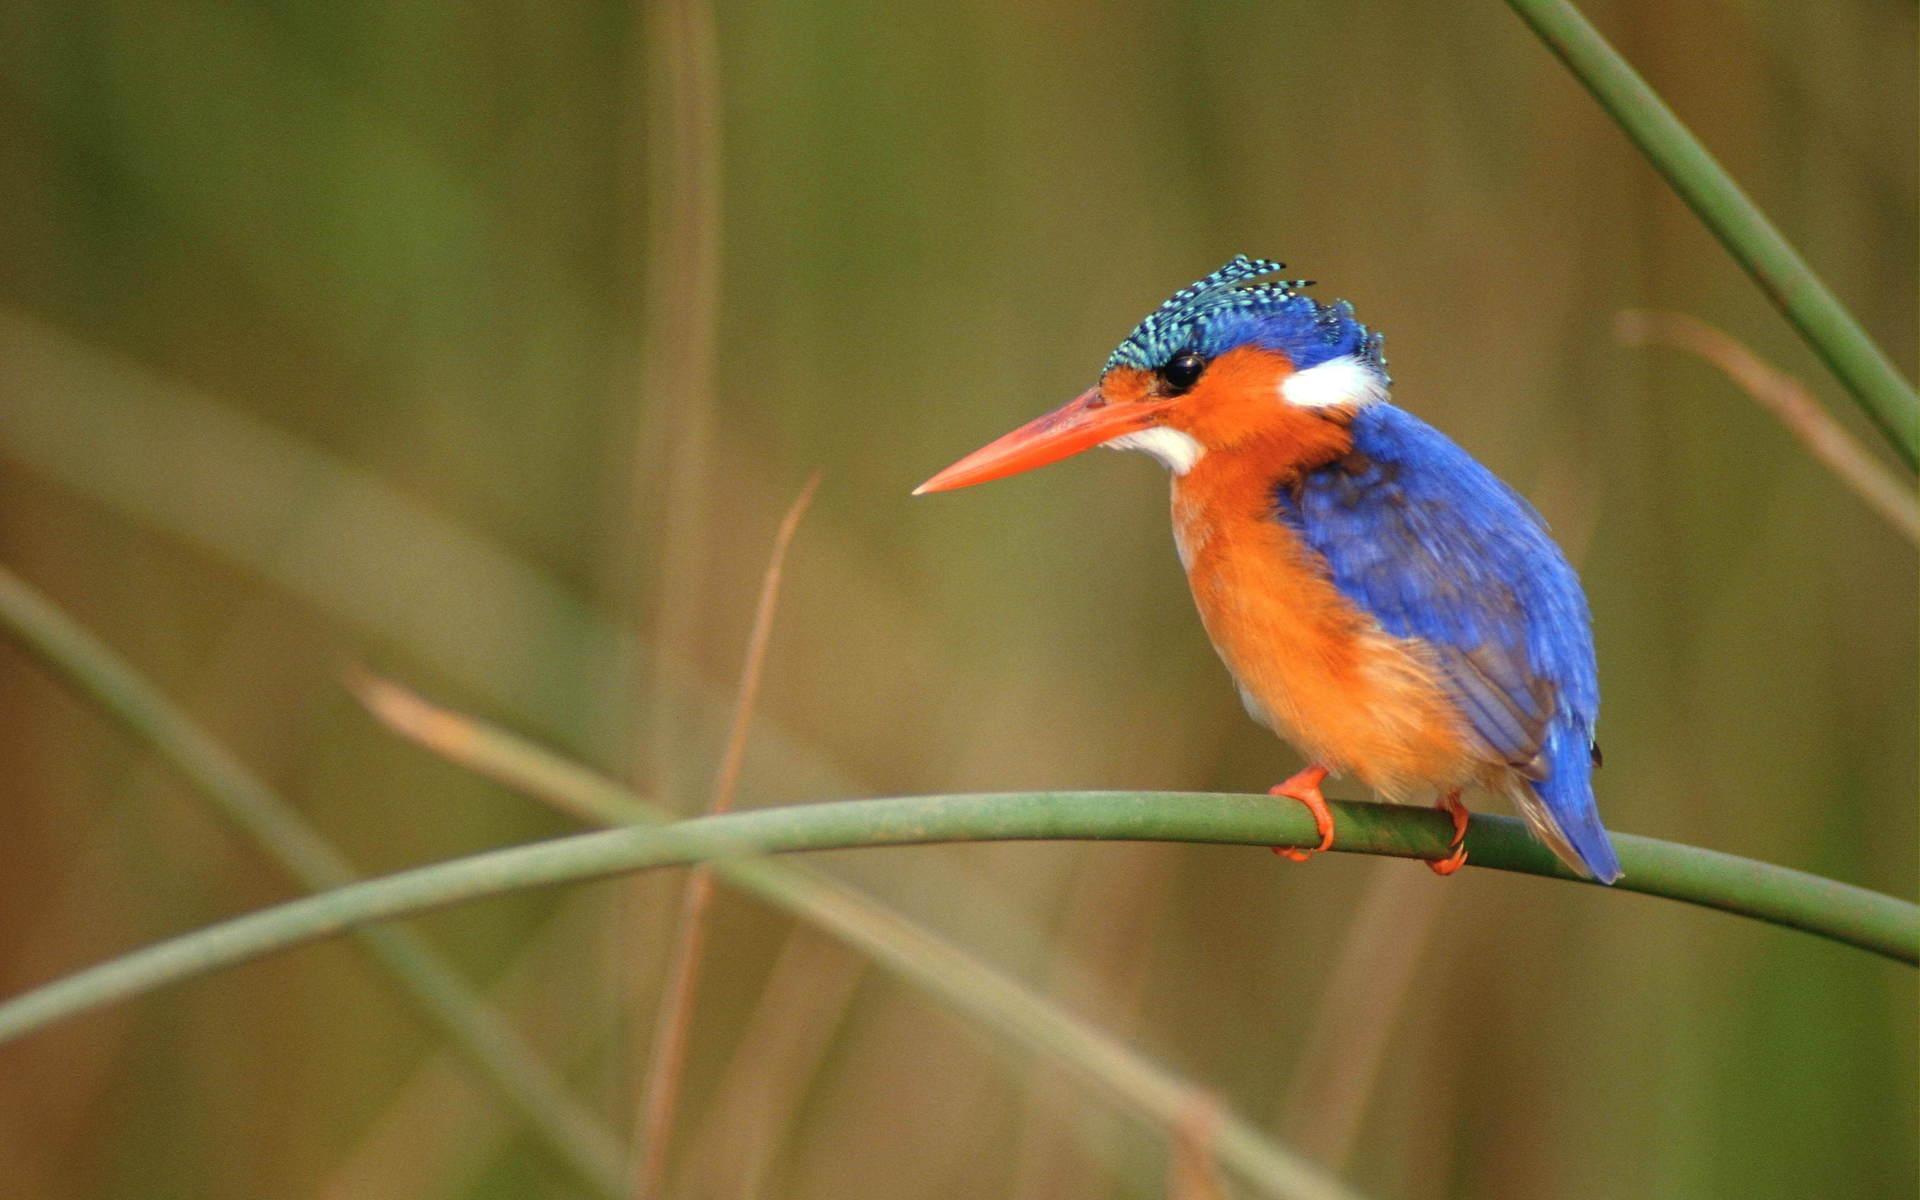 beau bleuorange oiseau HD papier peint de bureau cran